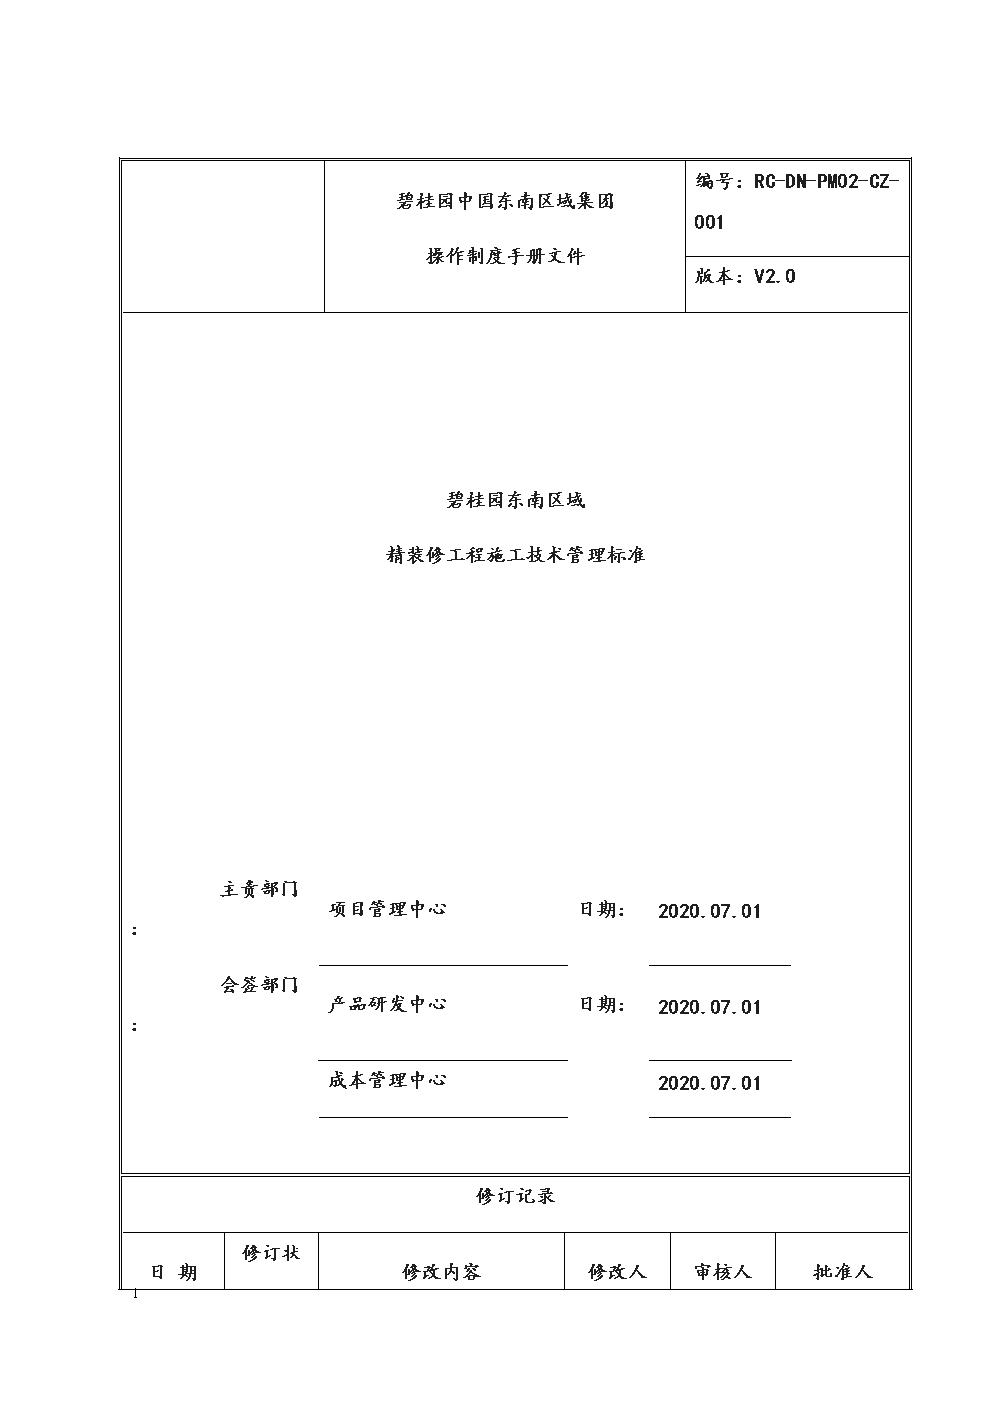 碧桂园中国东南区域企业(精装修工程施工技术管理标准.docx